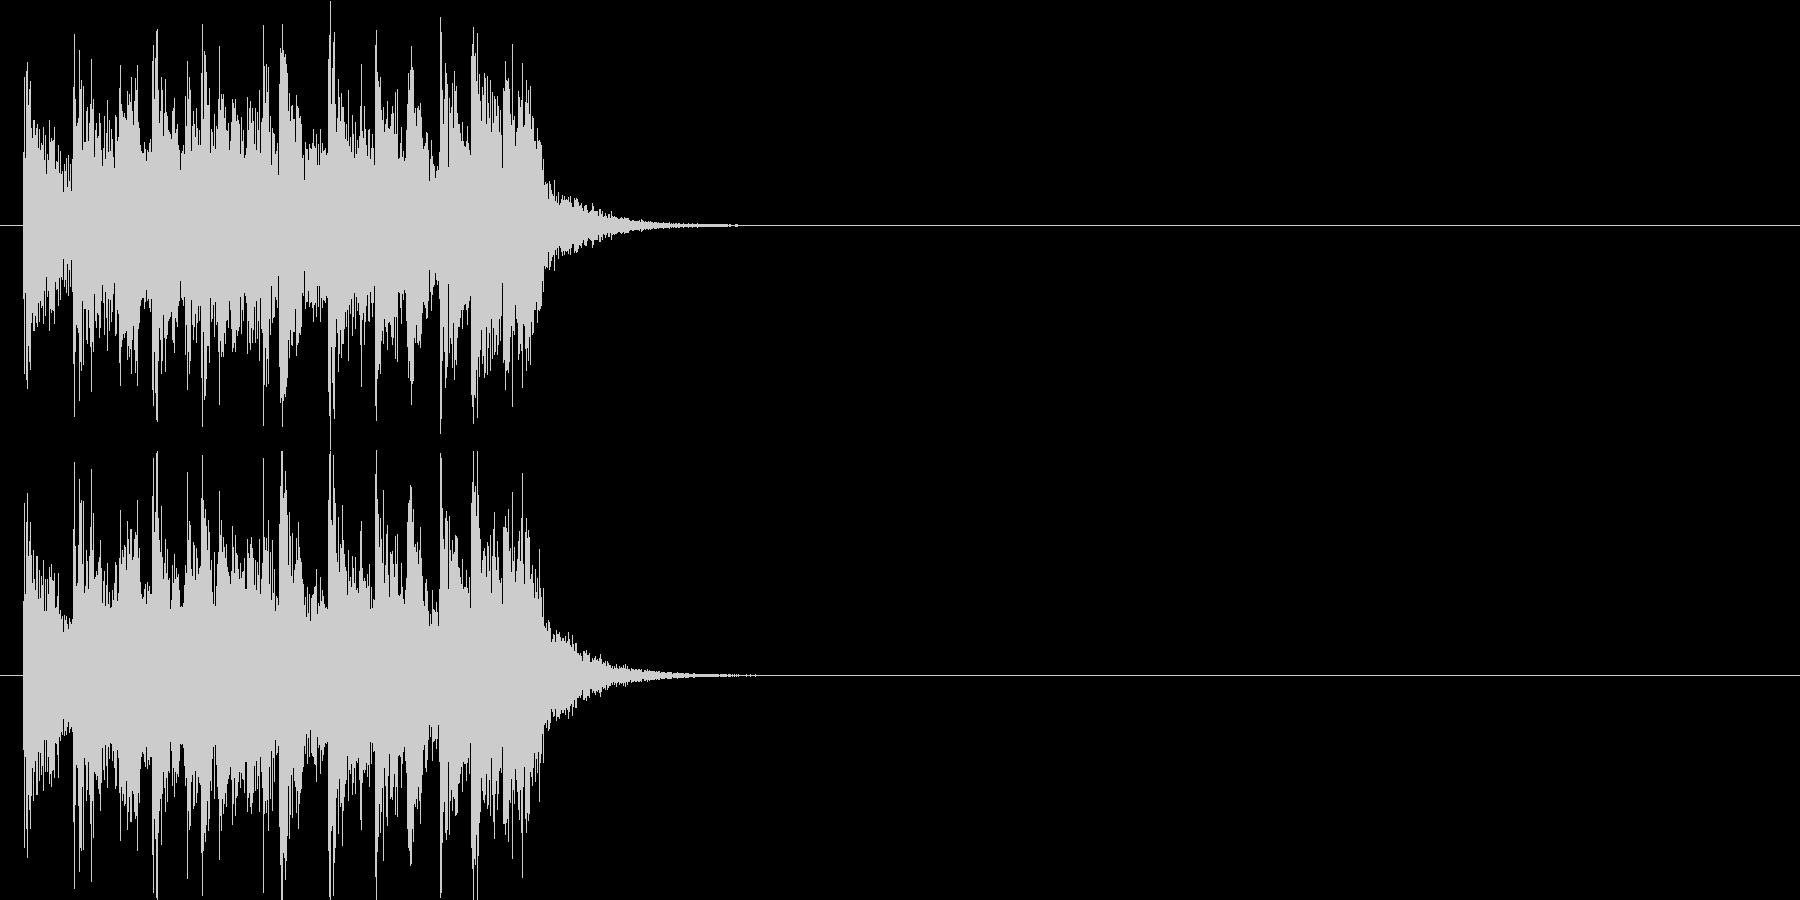 テーマ クイズ 場面転換 緊張 躍動の未再生の波形